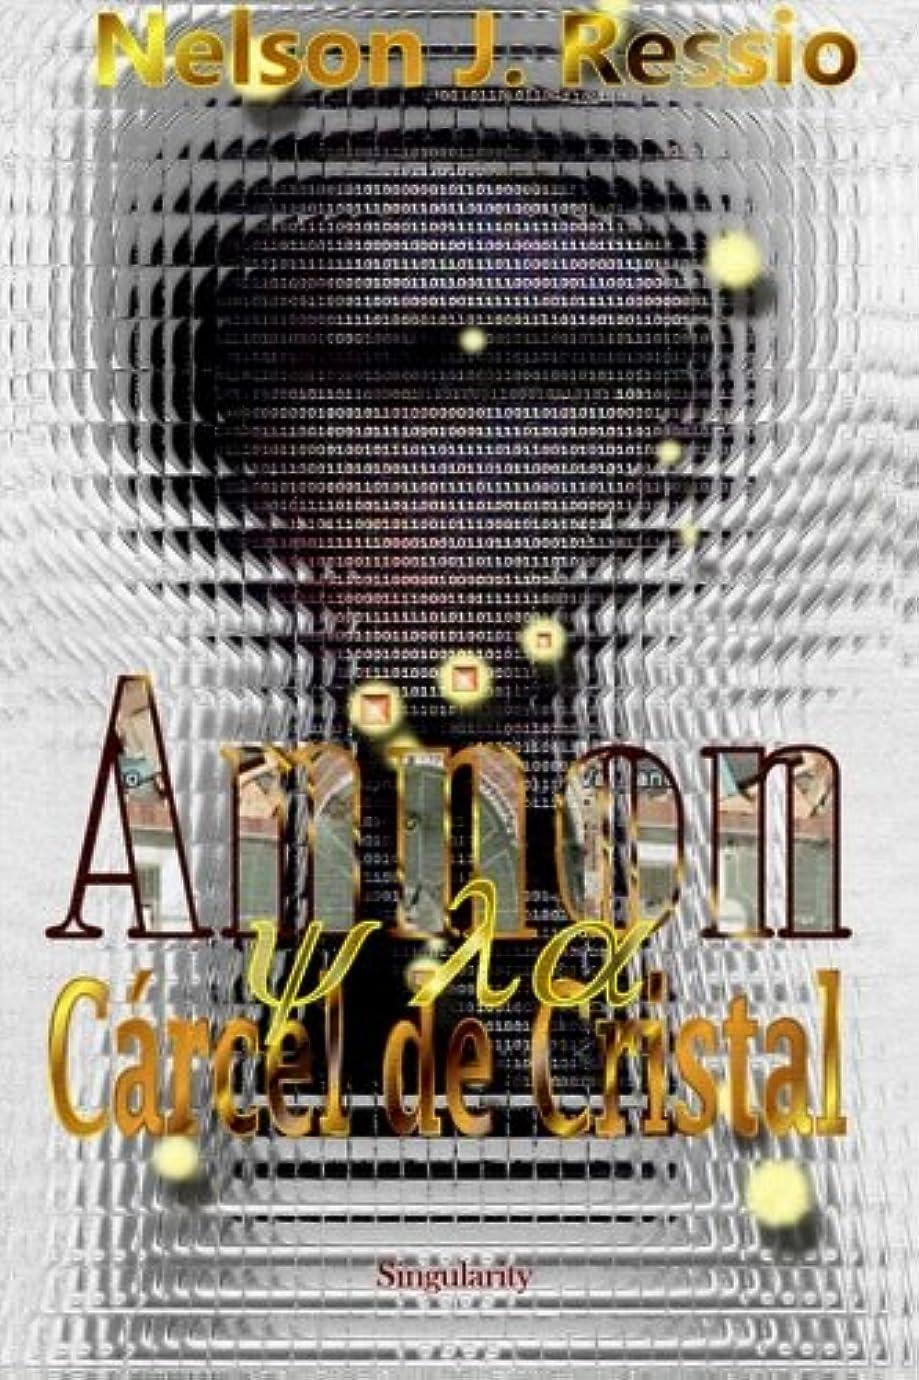 爆発物のため小道Annon y la Carcel de Cristal: Annon y la Cárcel de Cristal (El Centinela Digital)